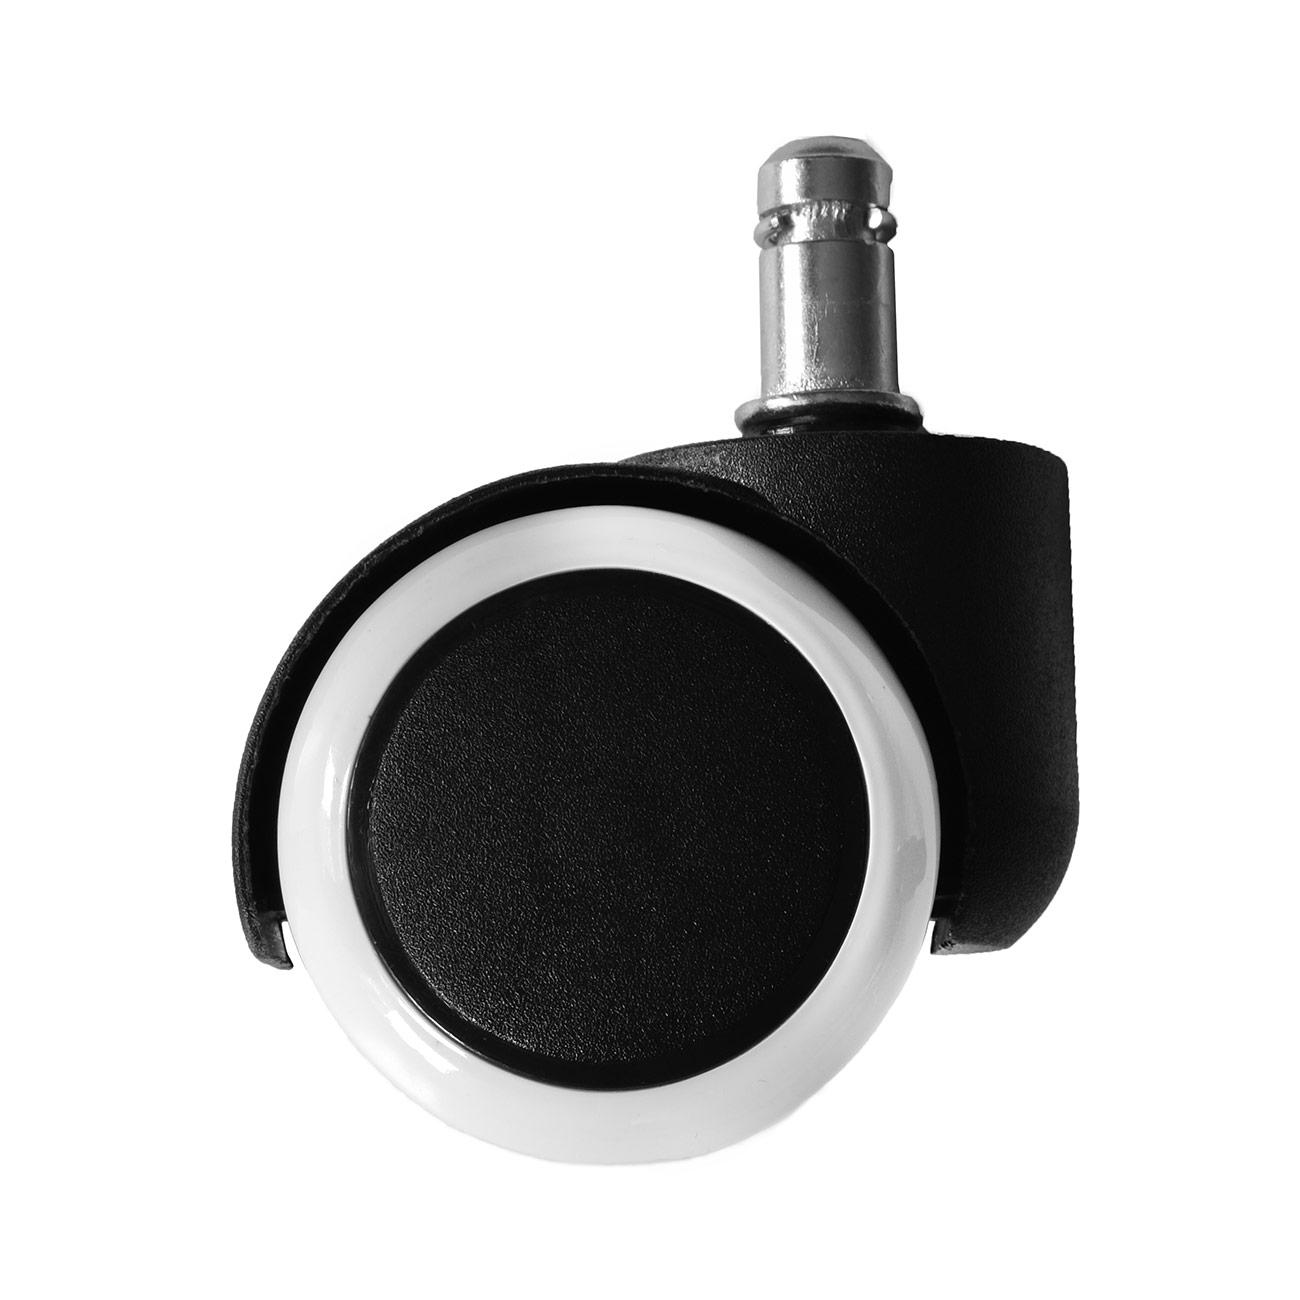 2 adatte a tutti i pavimenti SCHUSTAR USE/® antigraffio e su misura ruote silenziose per sedie da ufficio, set di ruote per pavimenti duri varianti 10 mm e 11 mm 5